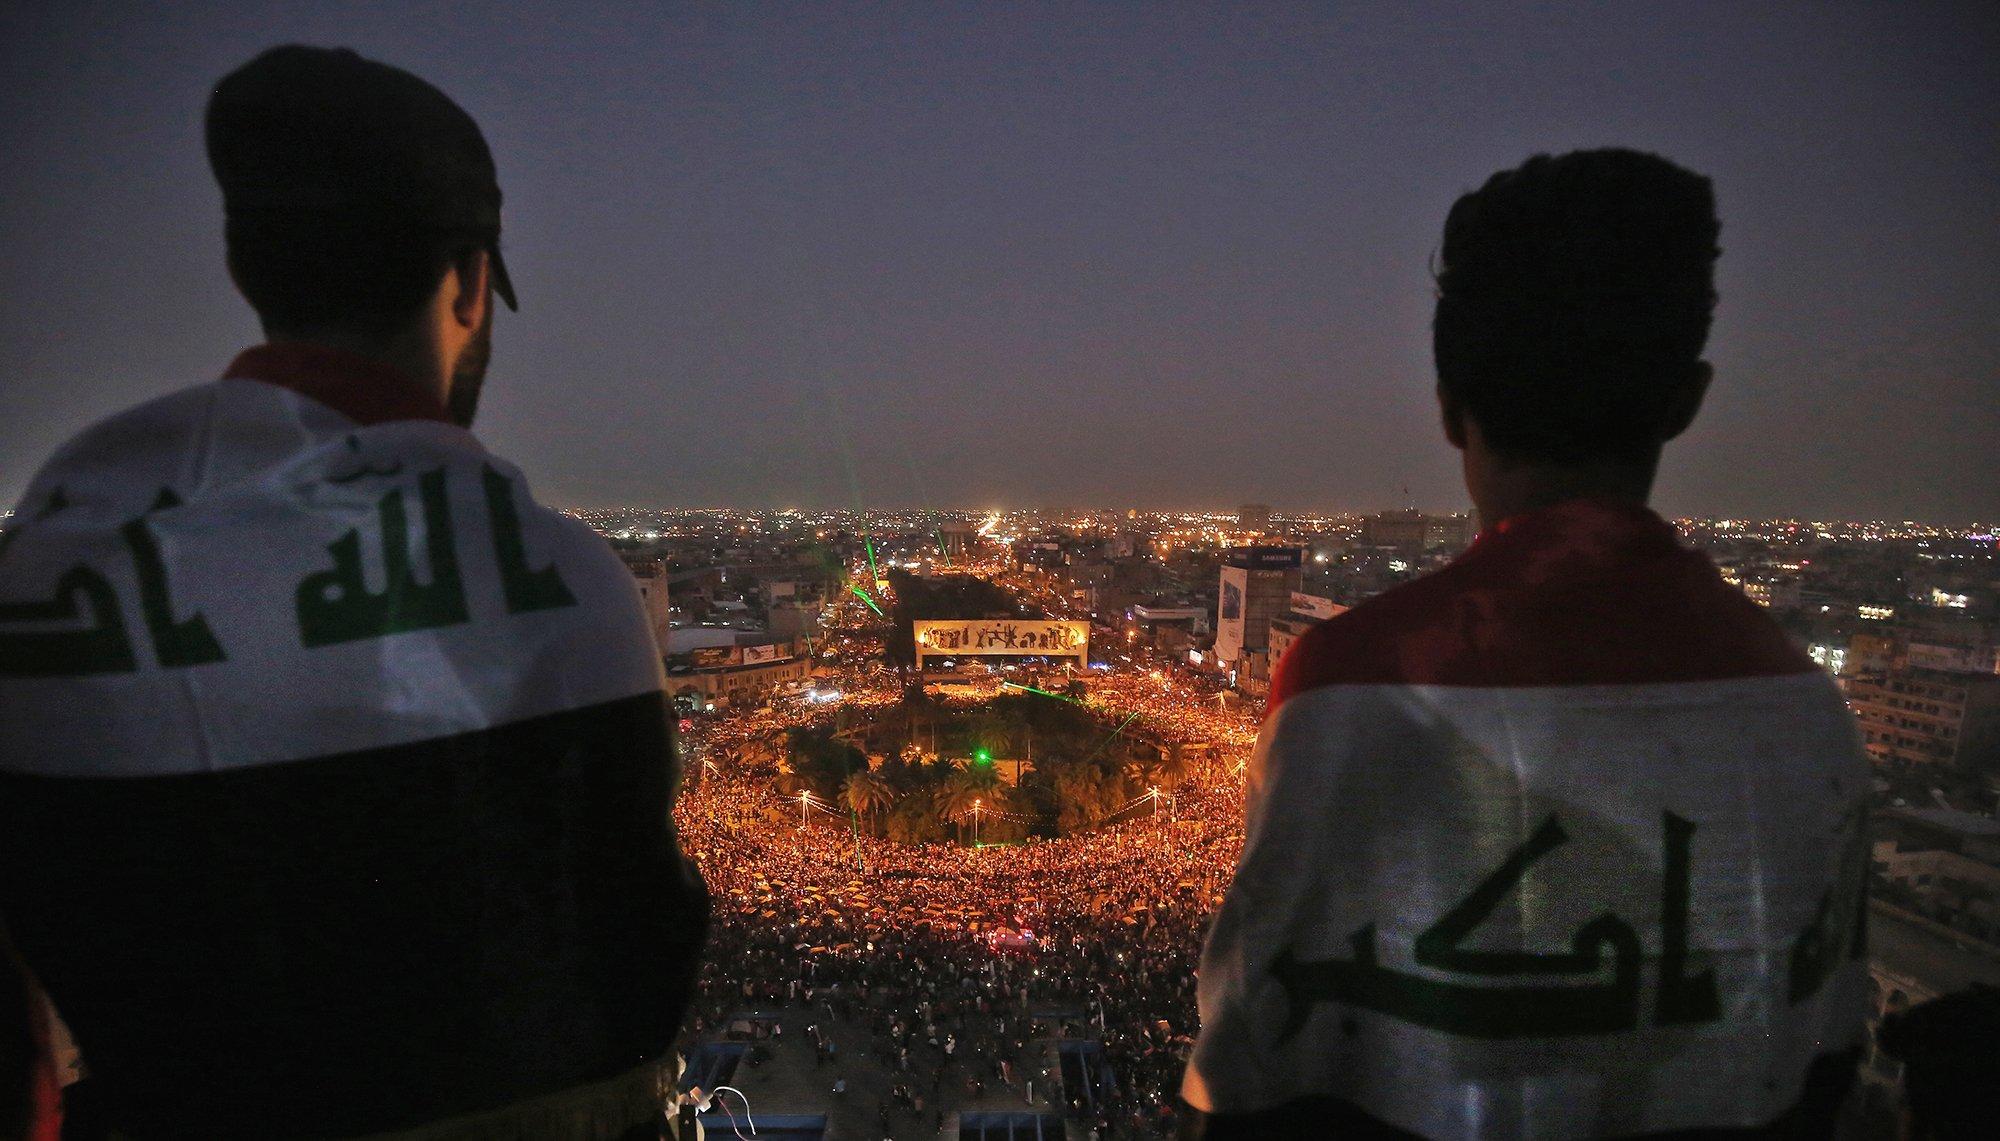 الدليمي: تظاهرات تشرين تاريخ جديد لن يتوقف حتى تحقيق كل المطالب